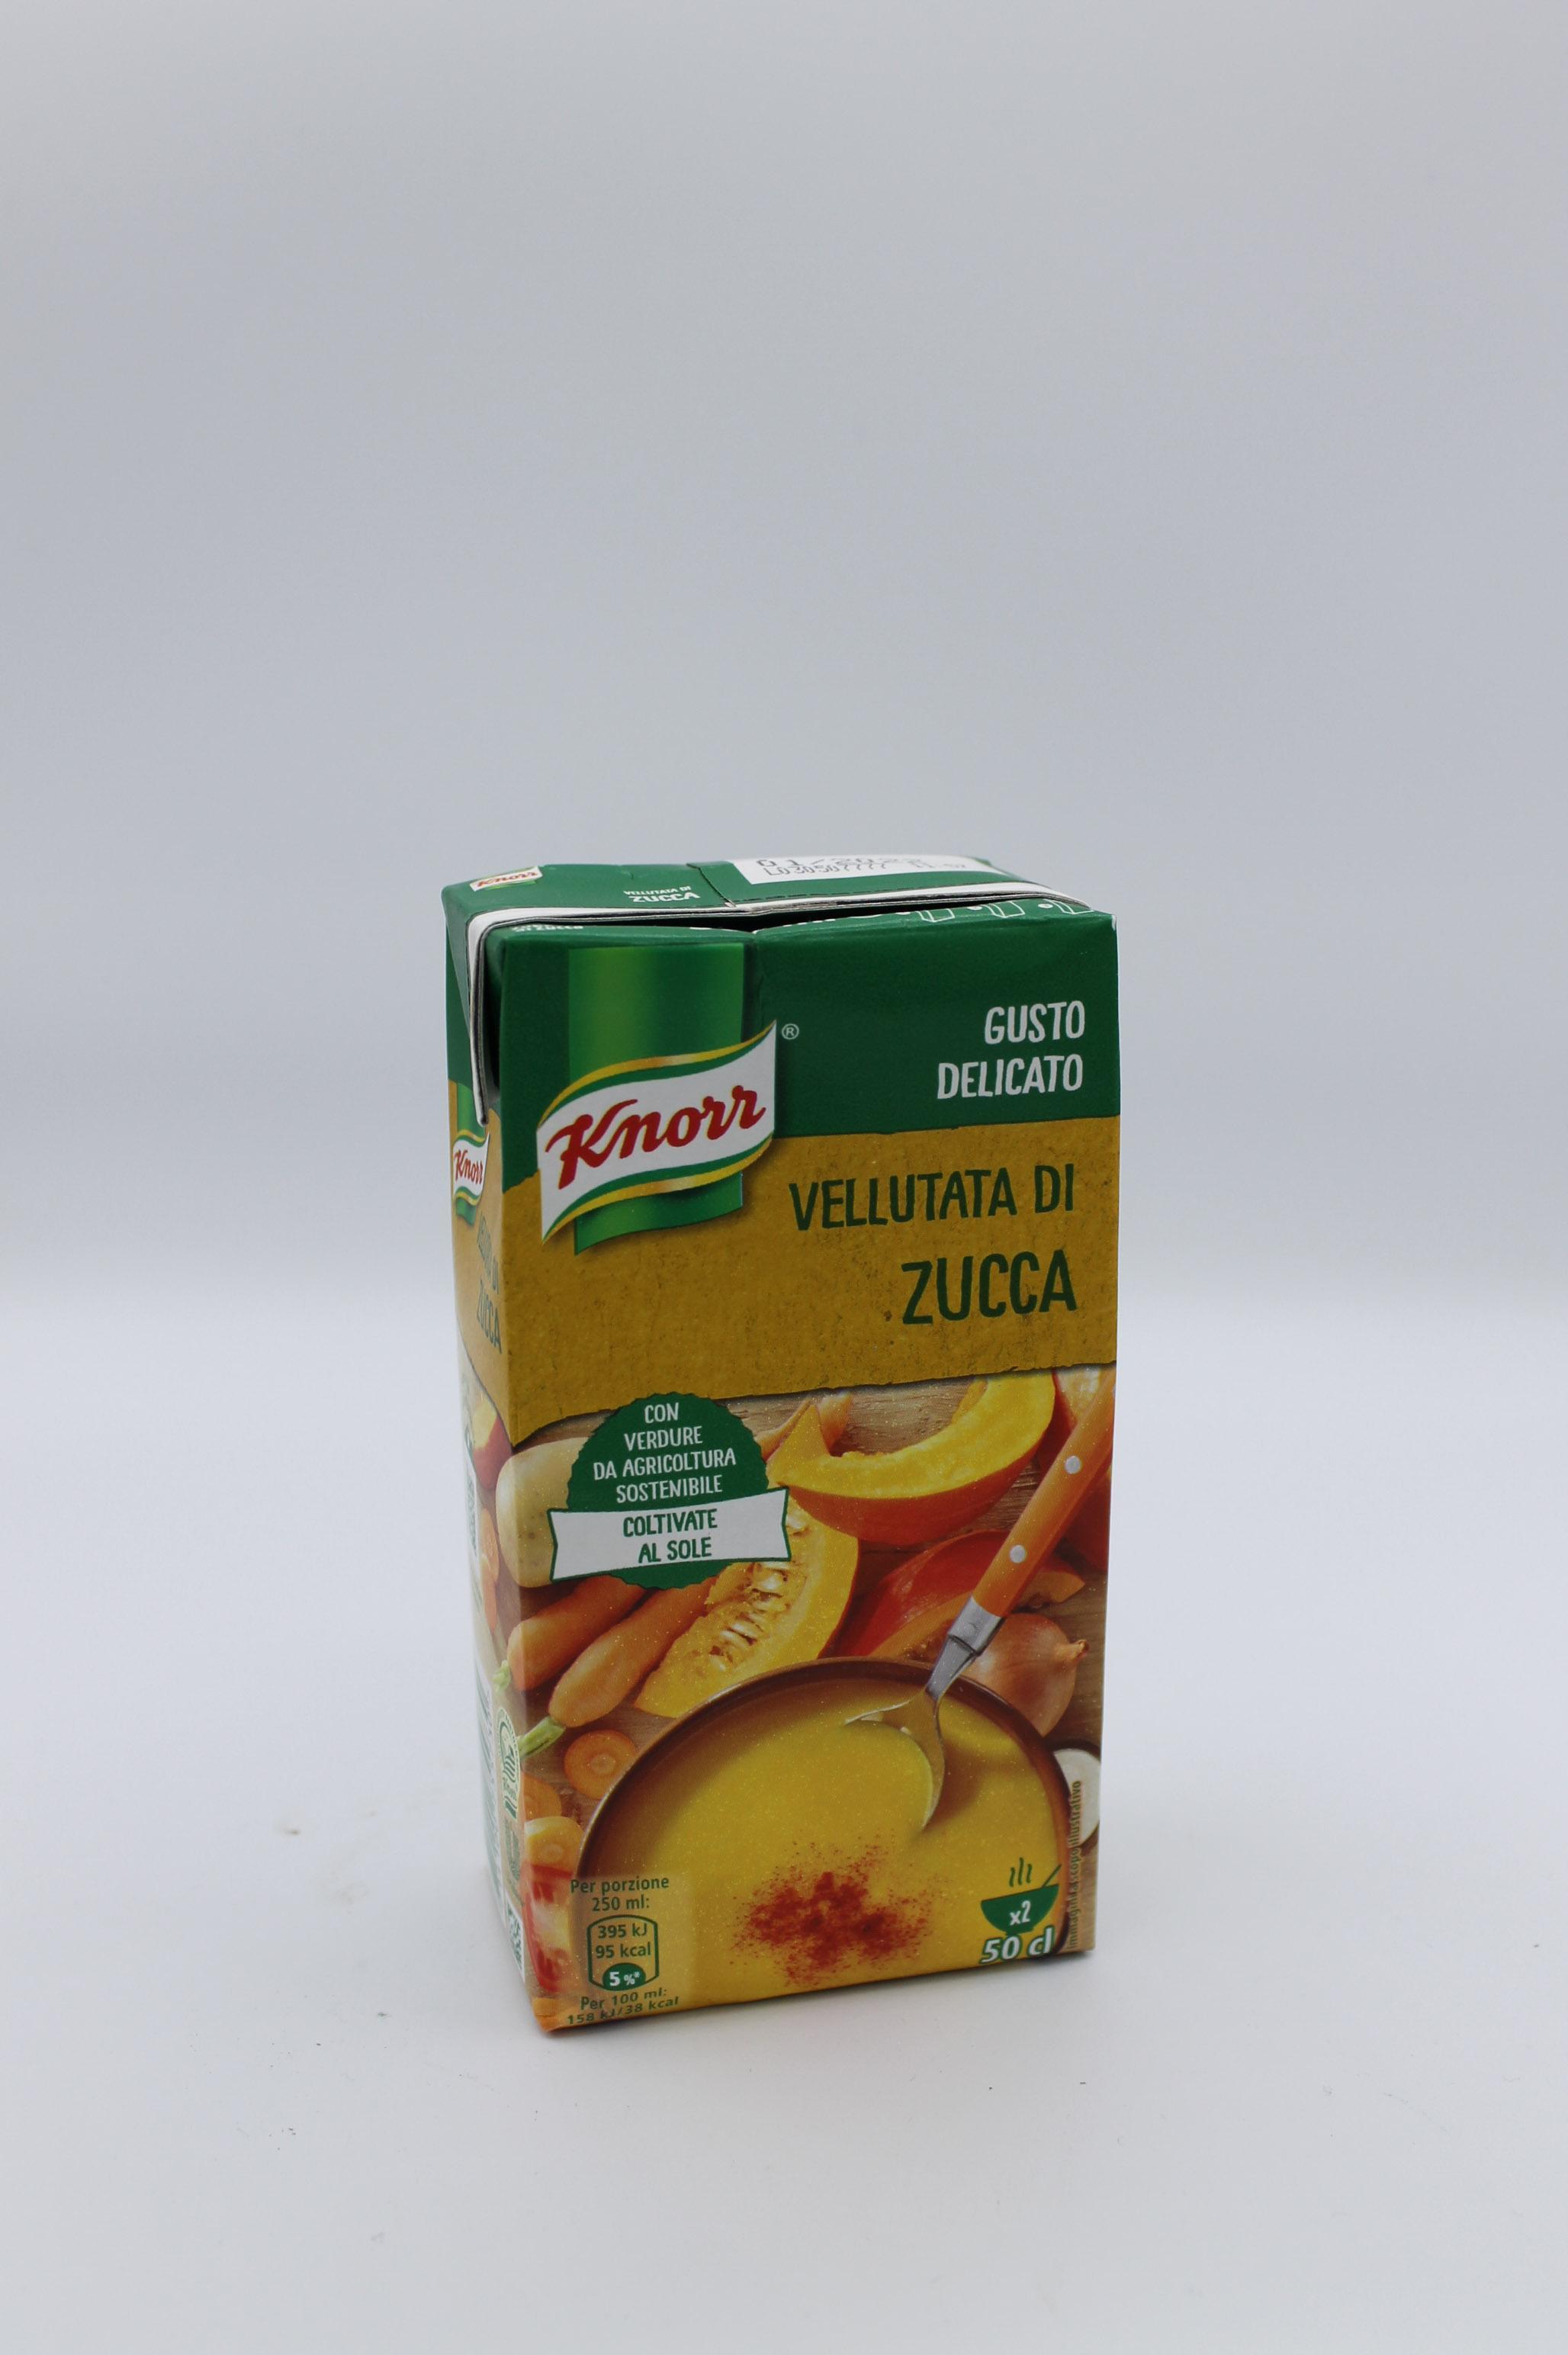 Knorr vellutata zucca 500 ml.